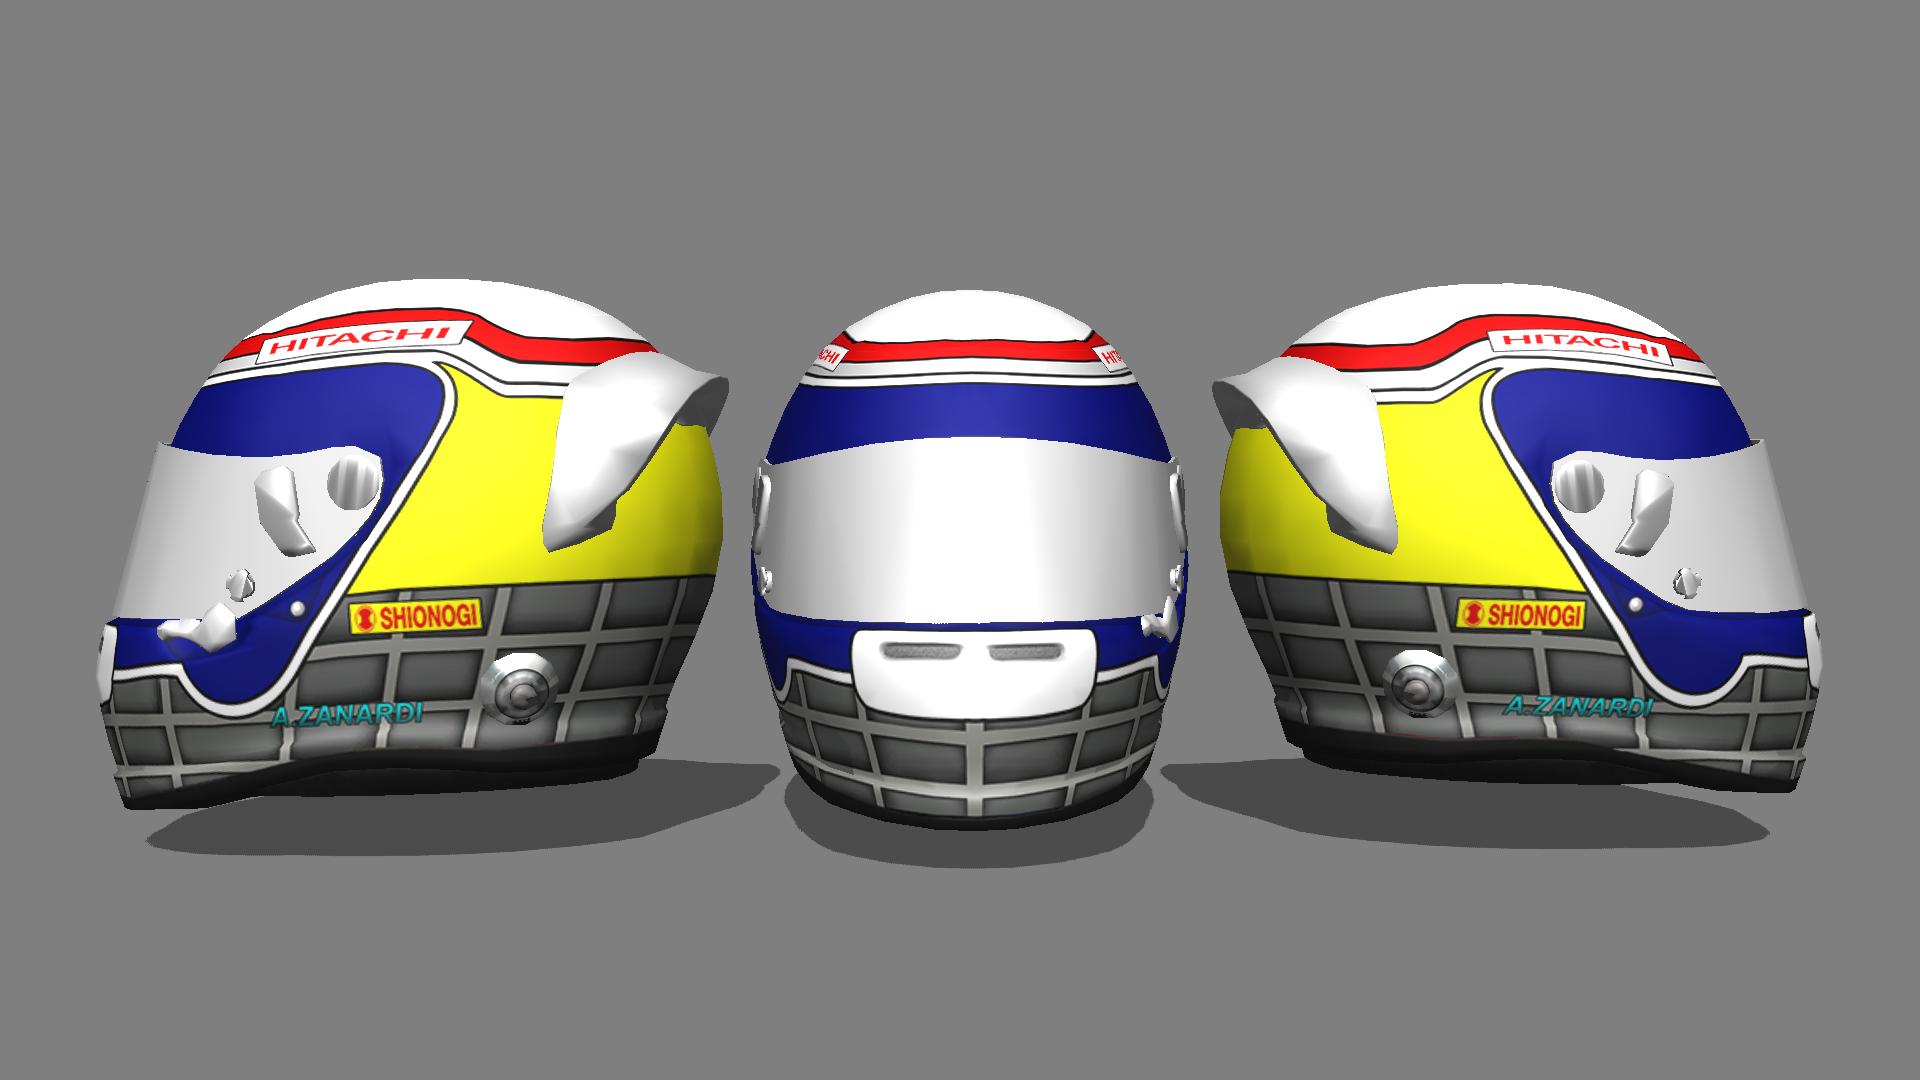 F1 2014 1994 Helmet Pack v1.0